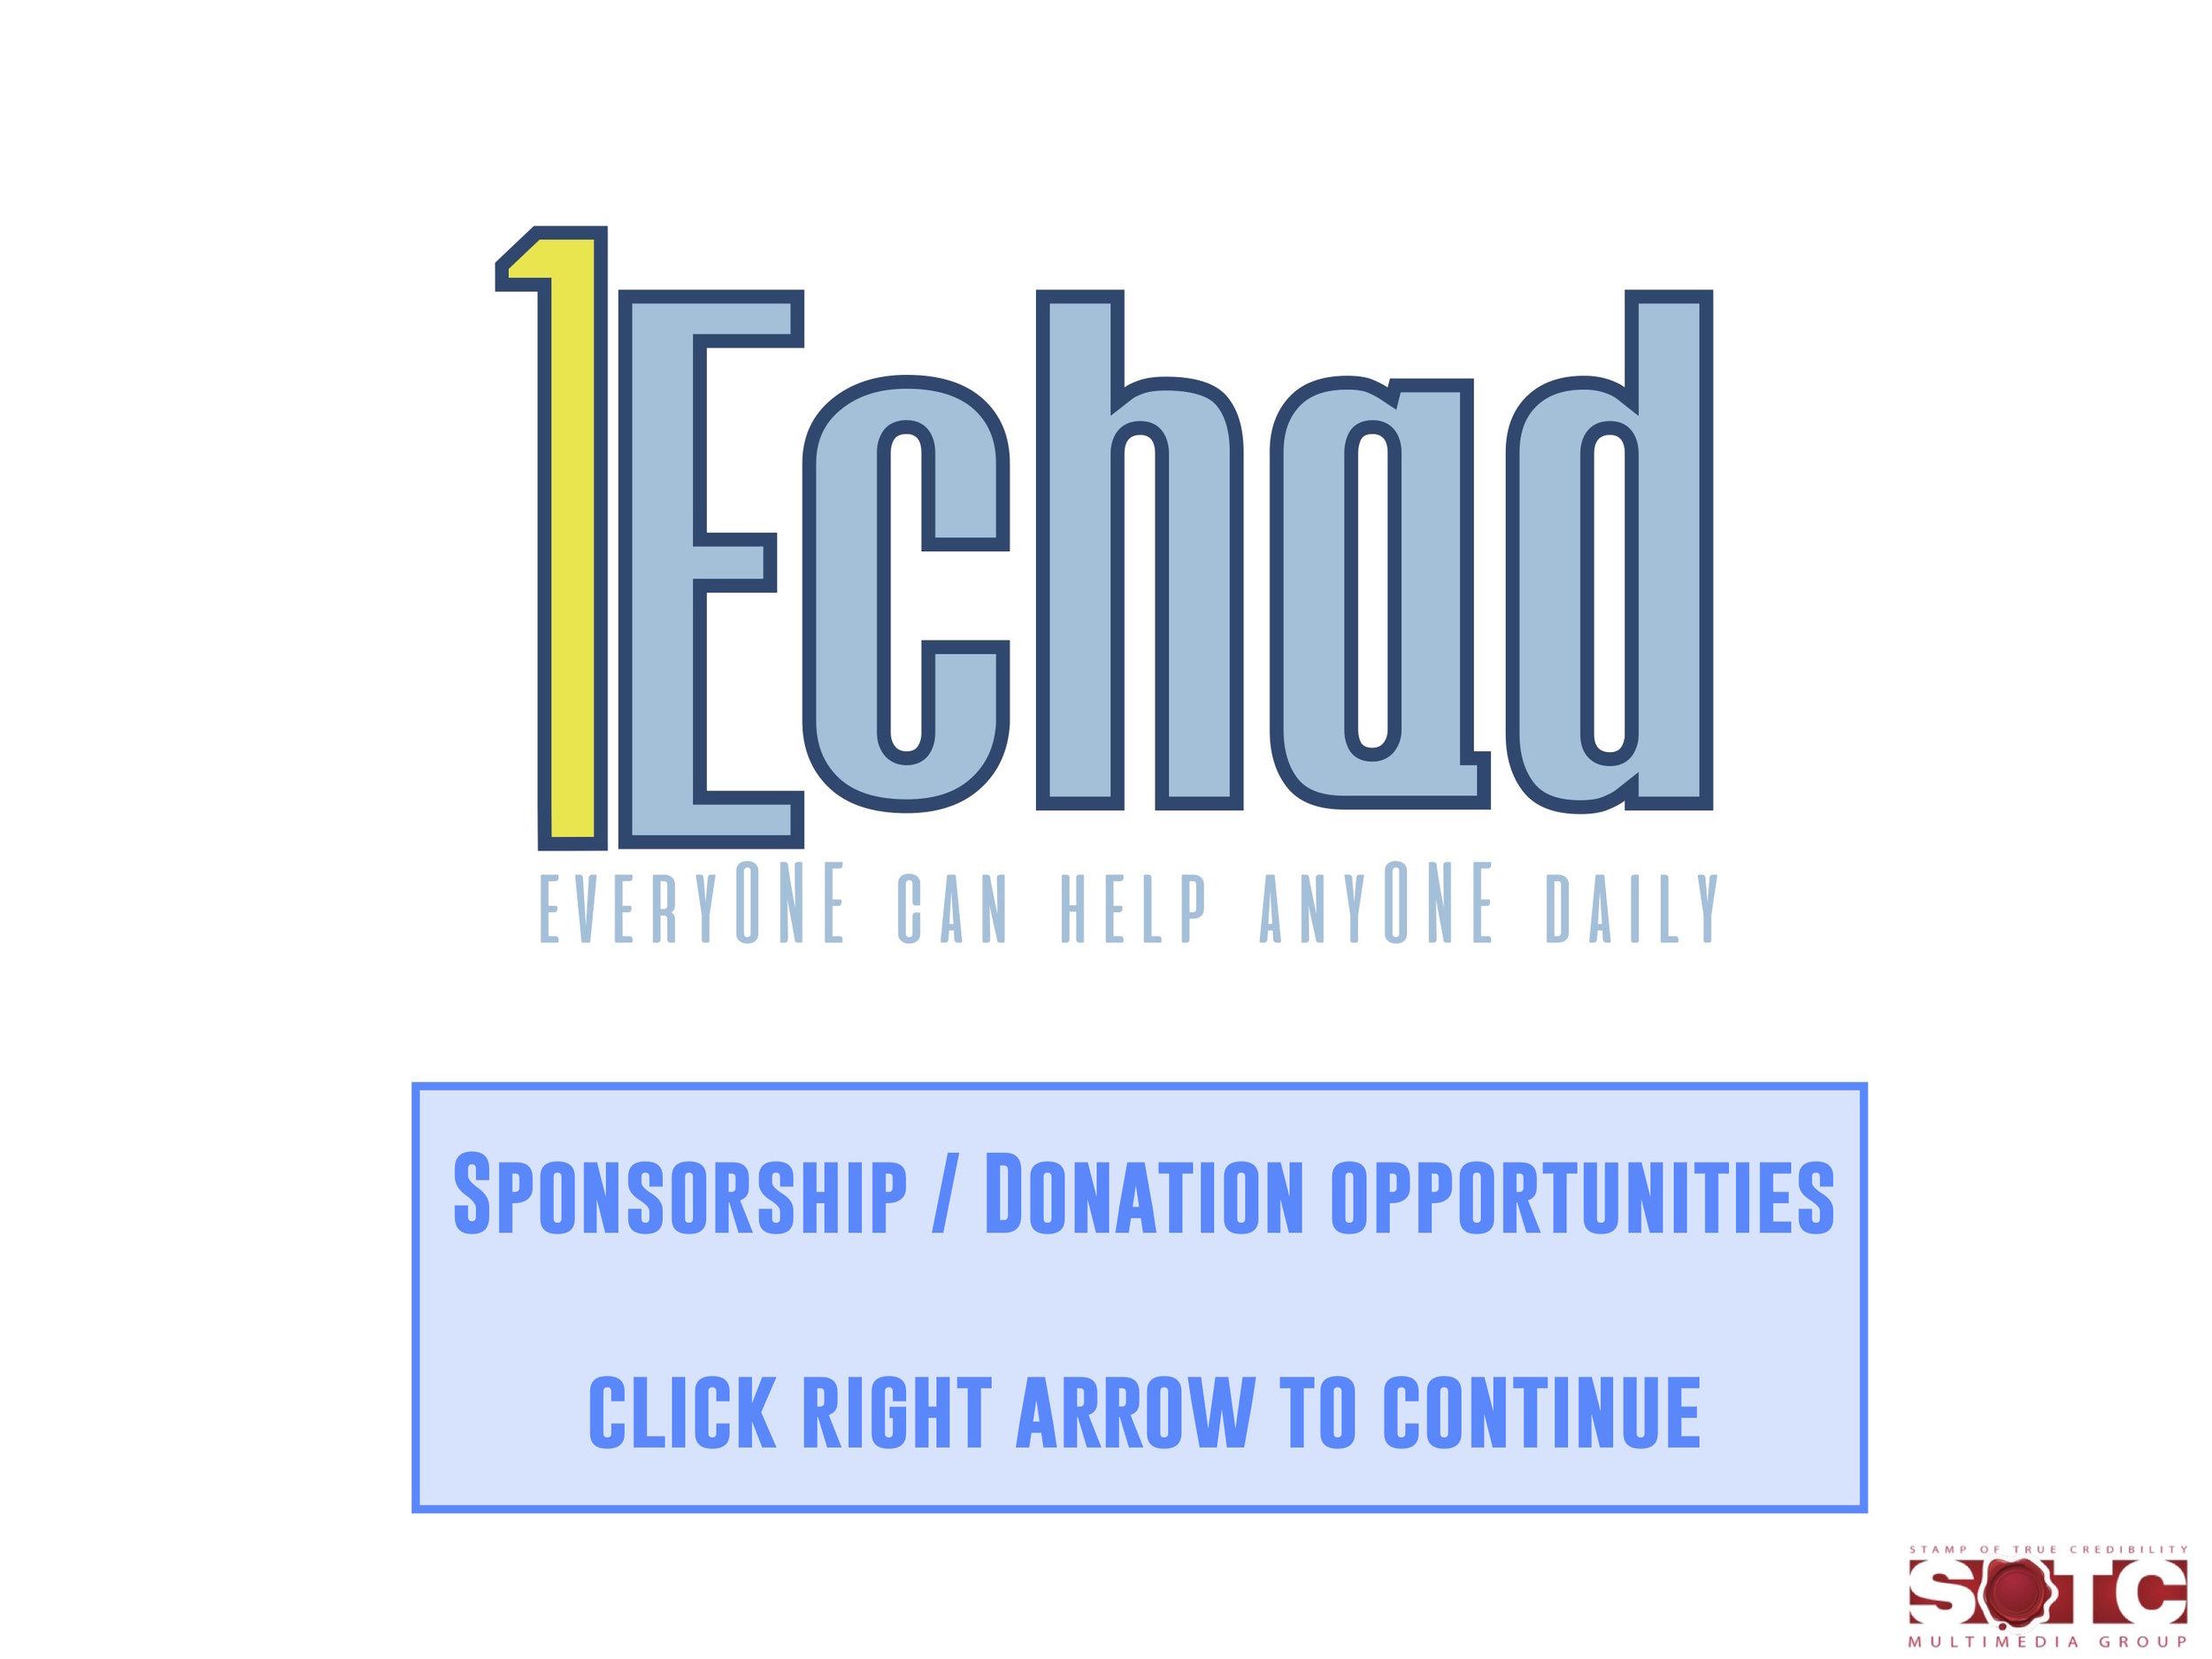 Echad Briefing - Get Involved! 1.jpg